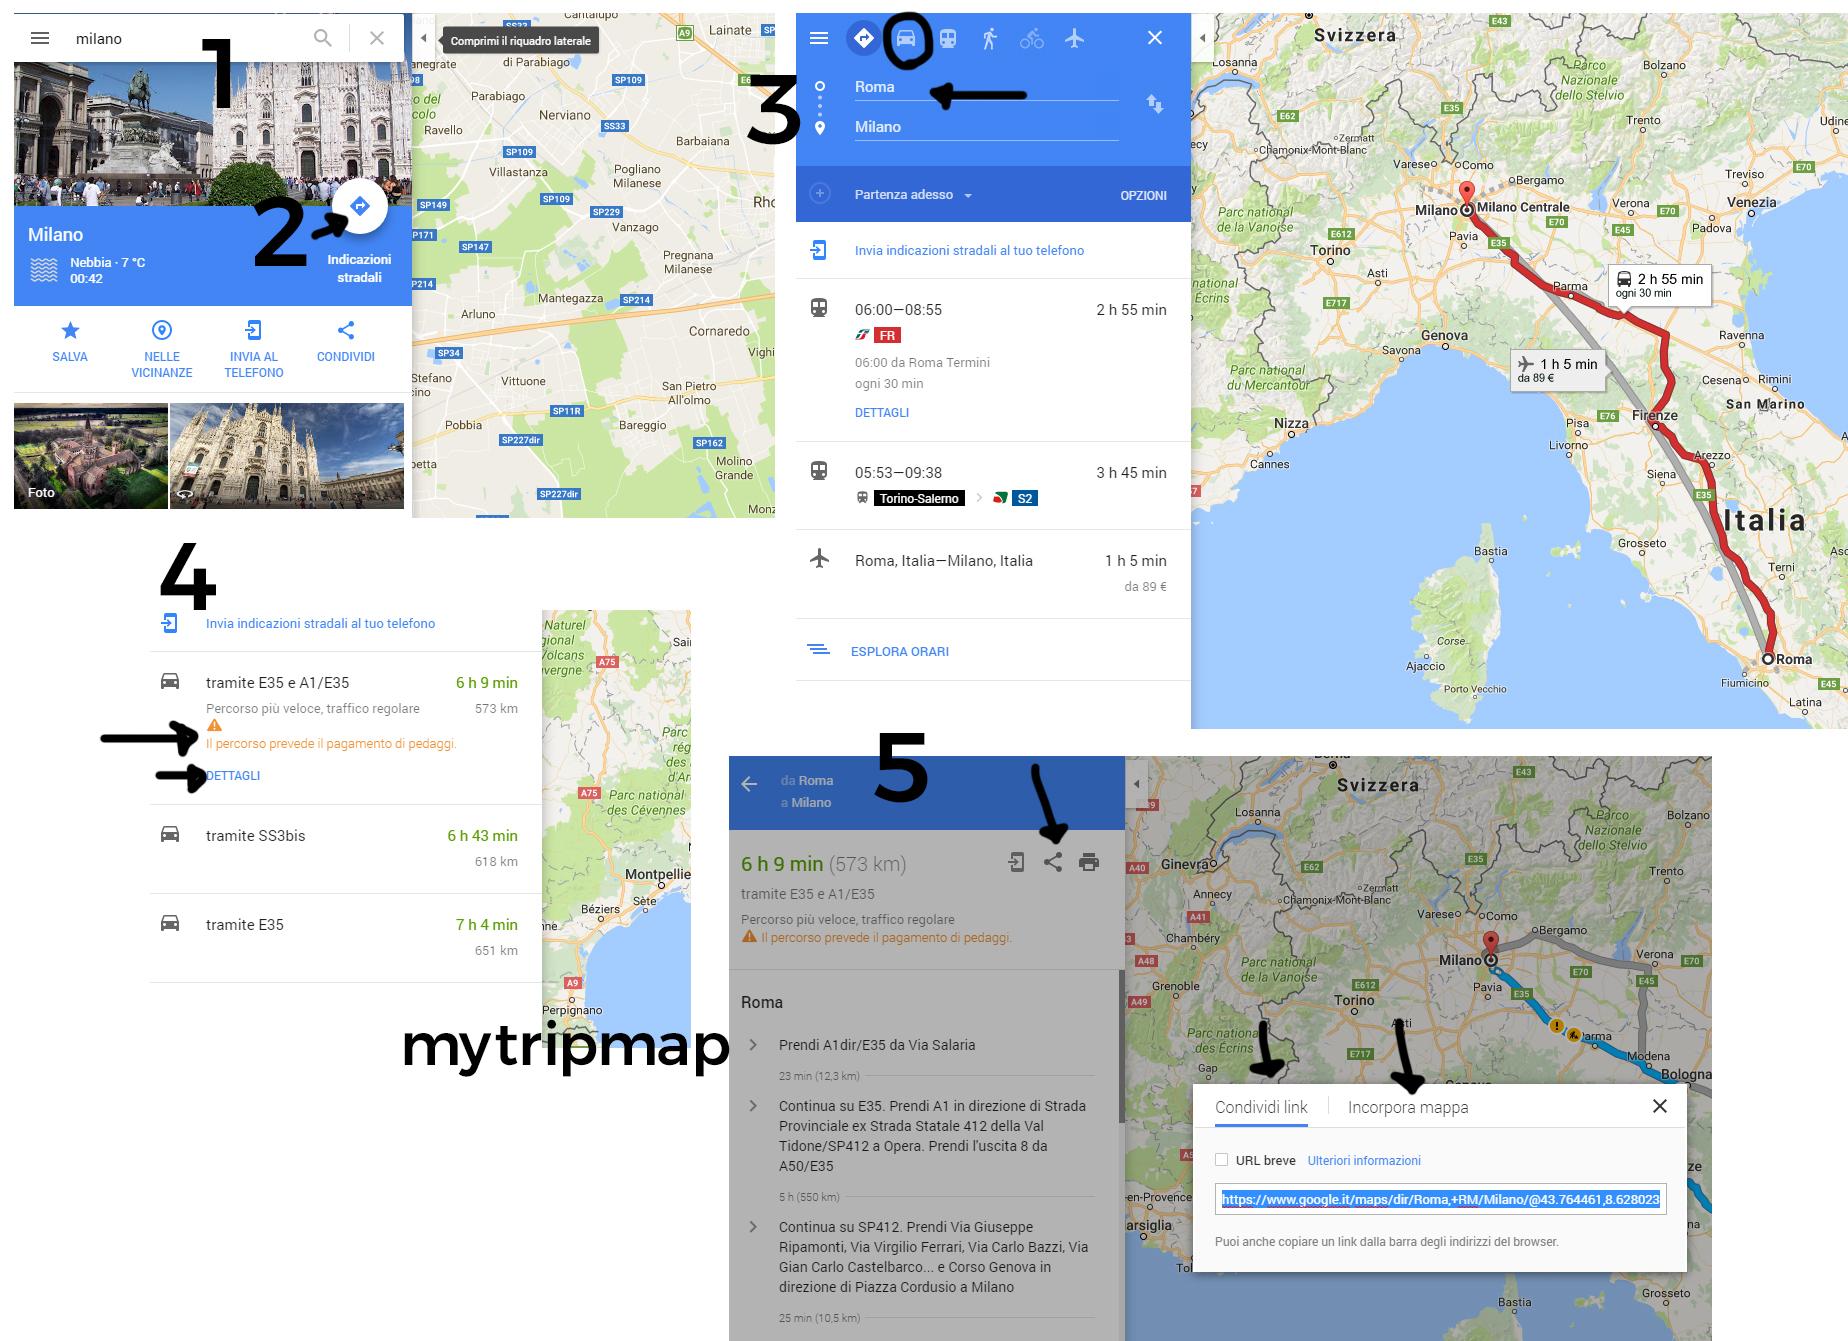 come-condividere-itinerario.jpg